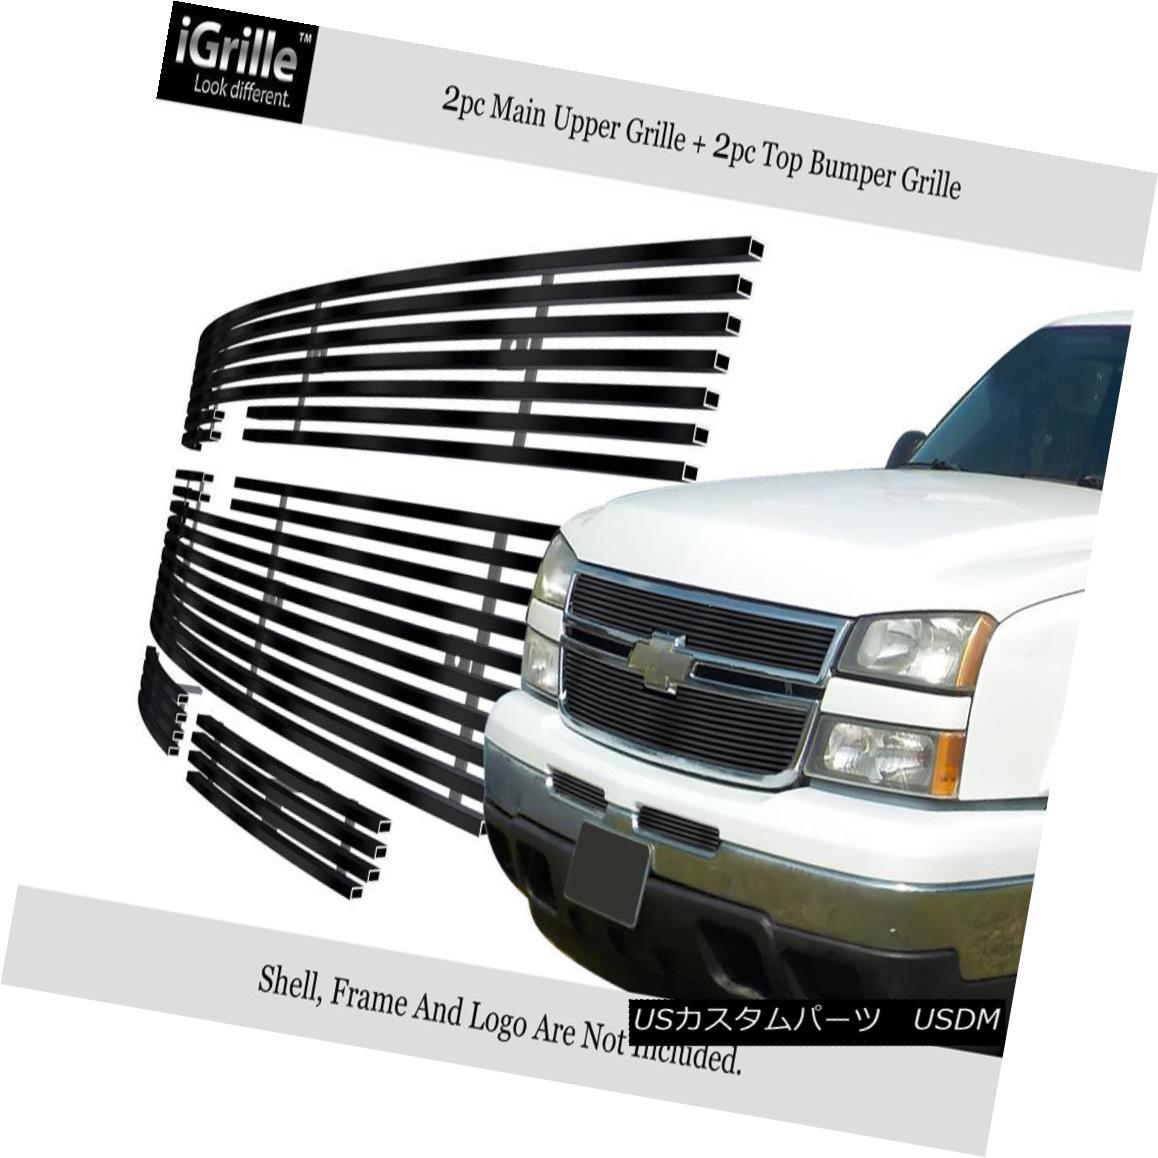 グリル For 2006 Chevy Silverado 1500/05-06 2500 Stainless Black Billet Grille Combo 2006年Chevy Silverado 1500 / 05-06 2500ステンレスブラックビレットグリルコンボ